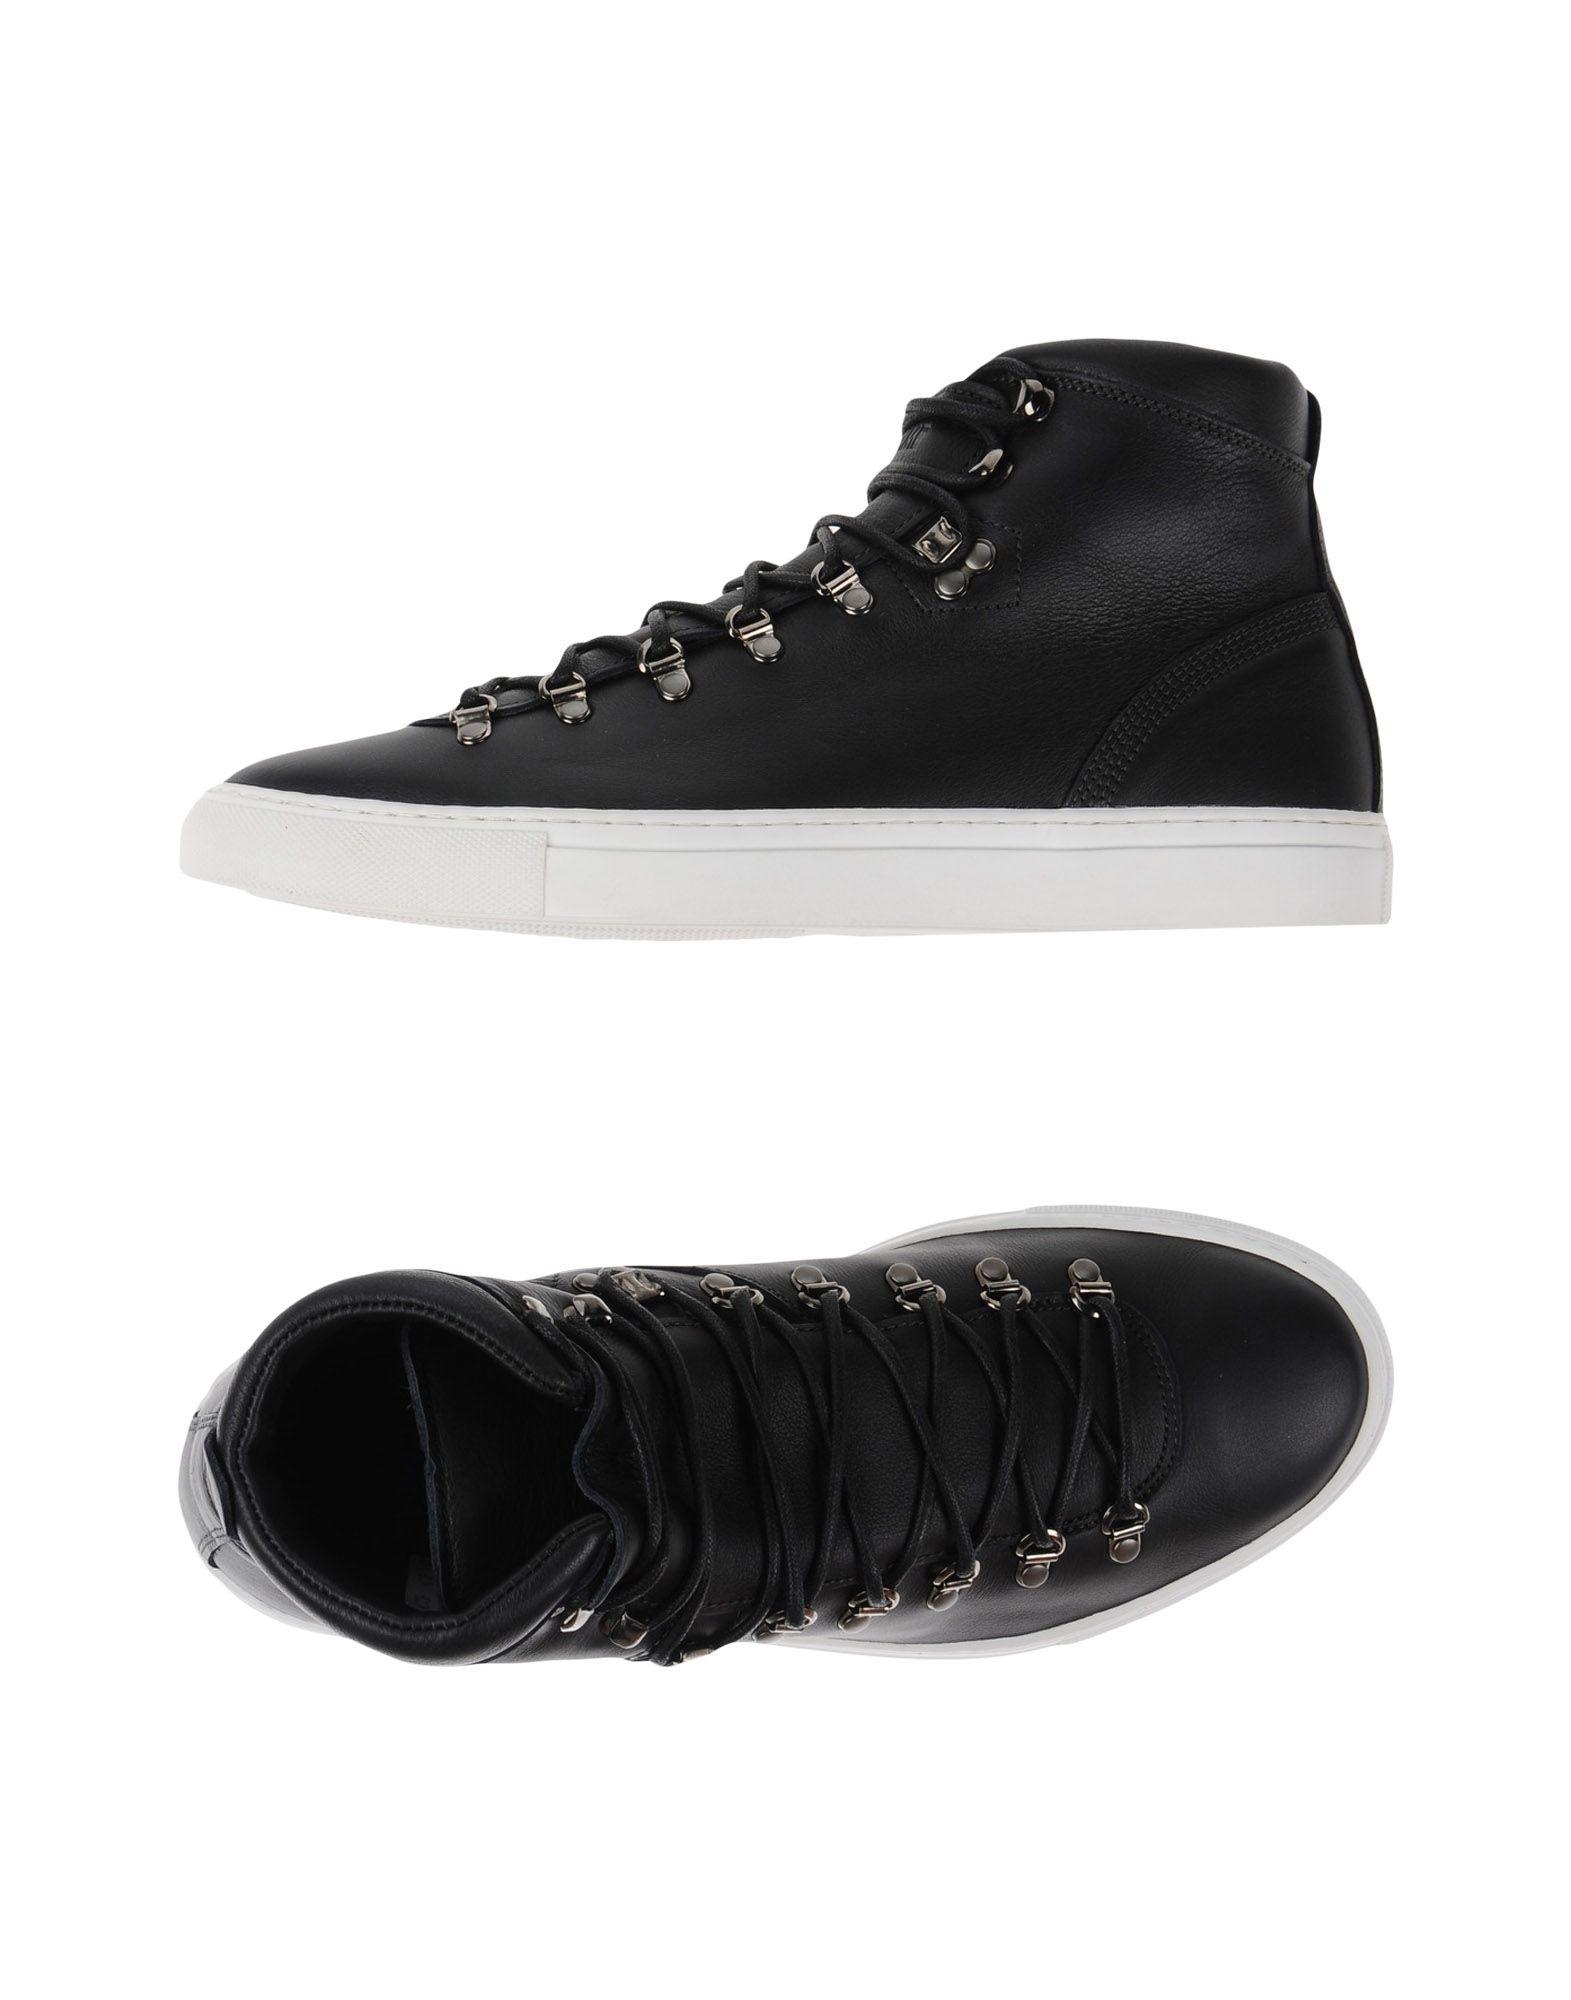 Diemme on Sneakers - Men Diemme Sneakers online on Diemme  Canada - 11207291MV eae117